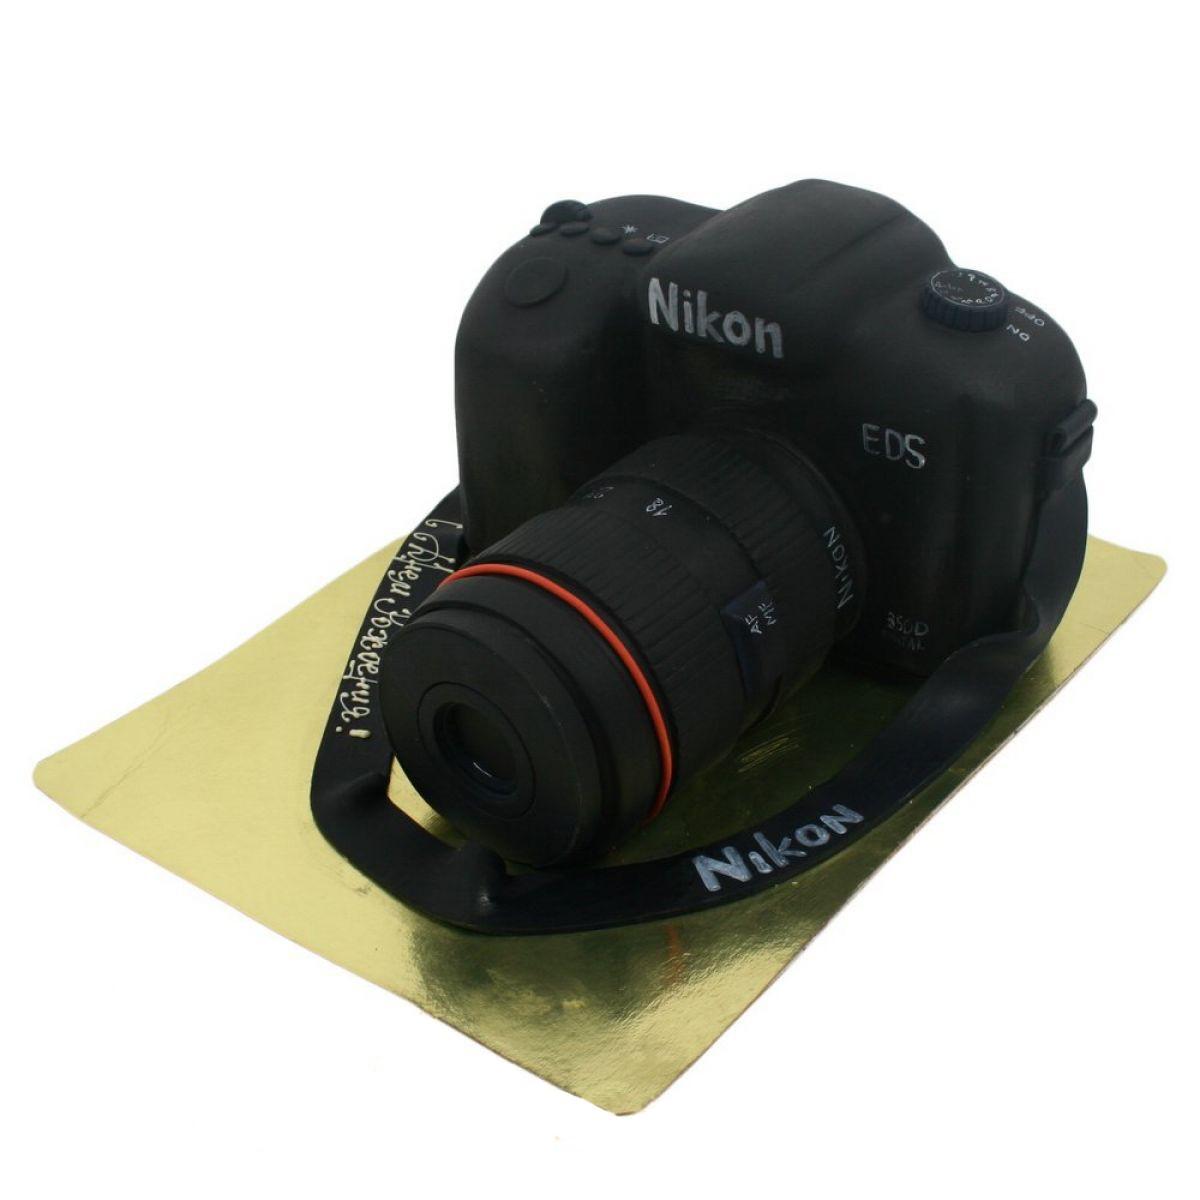 №903 Торт фотоаппарат